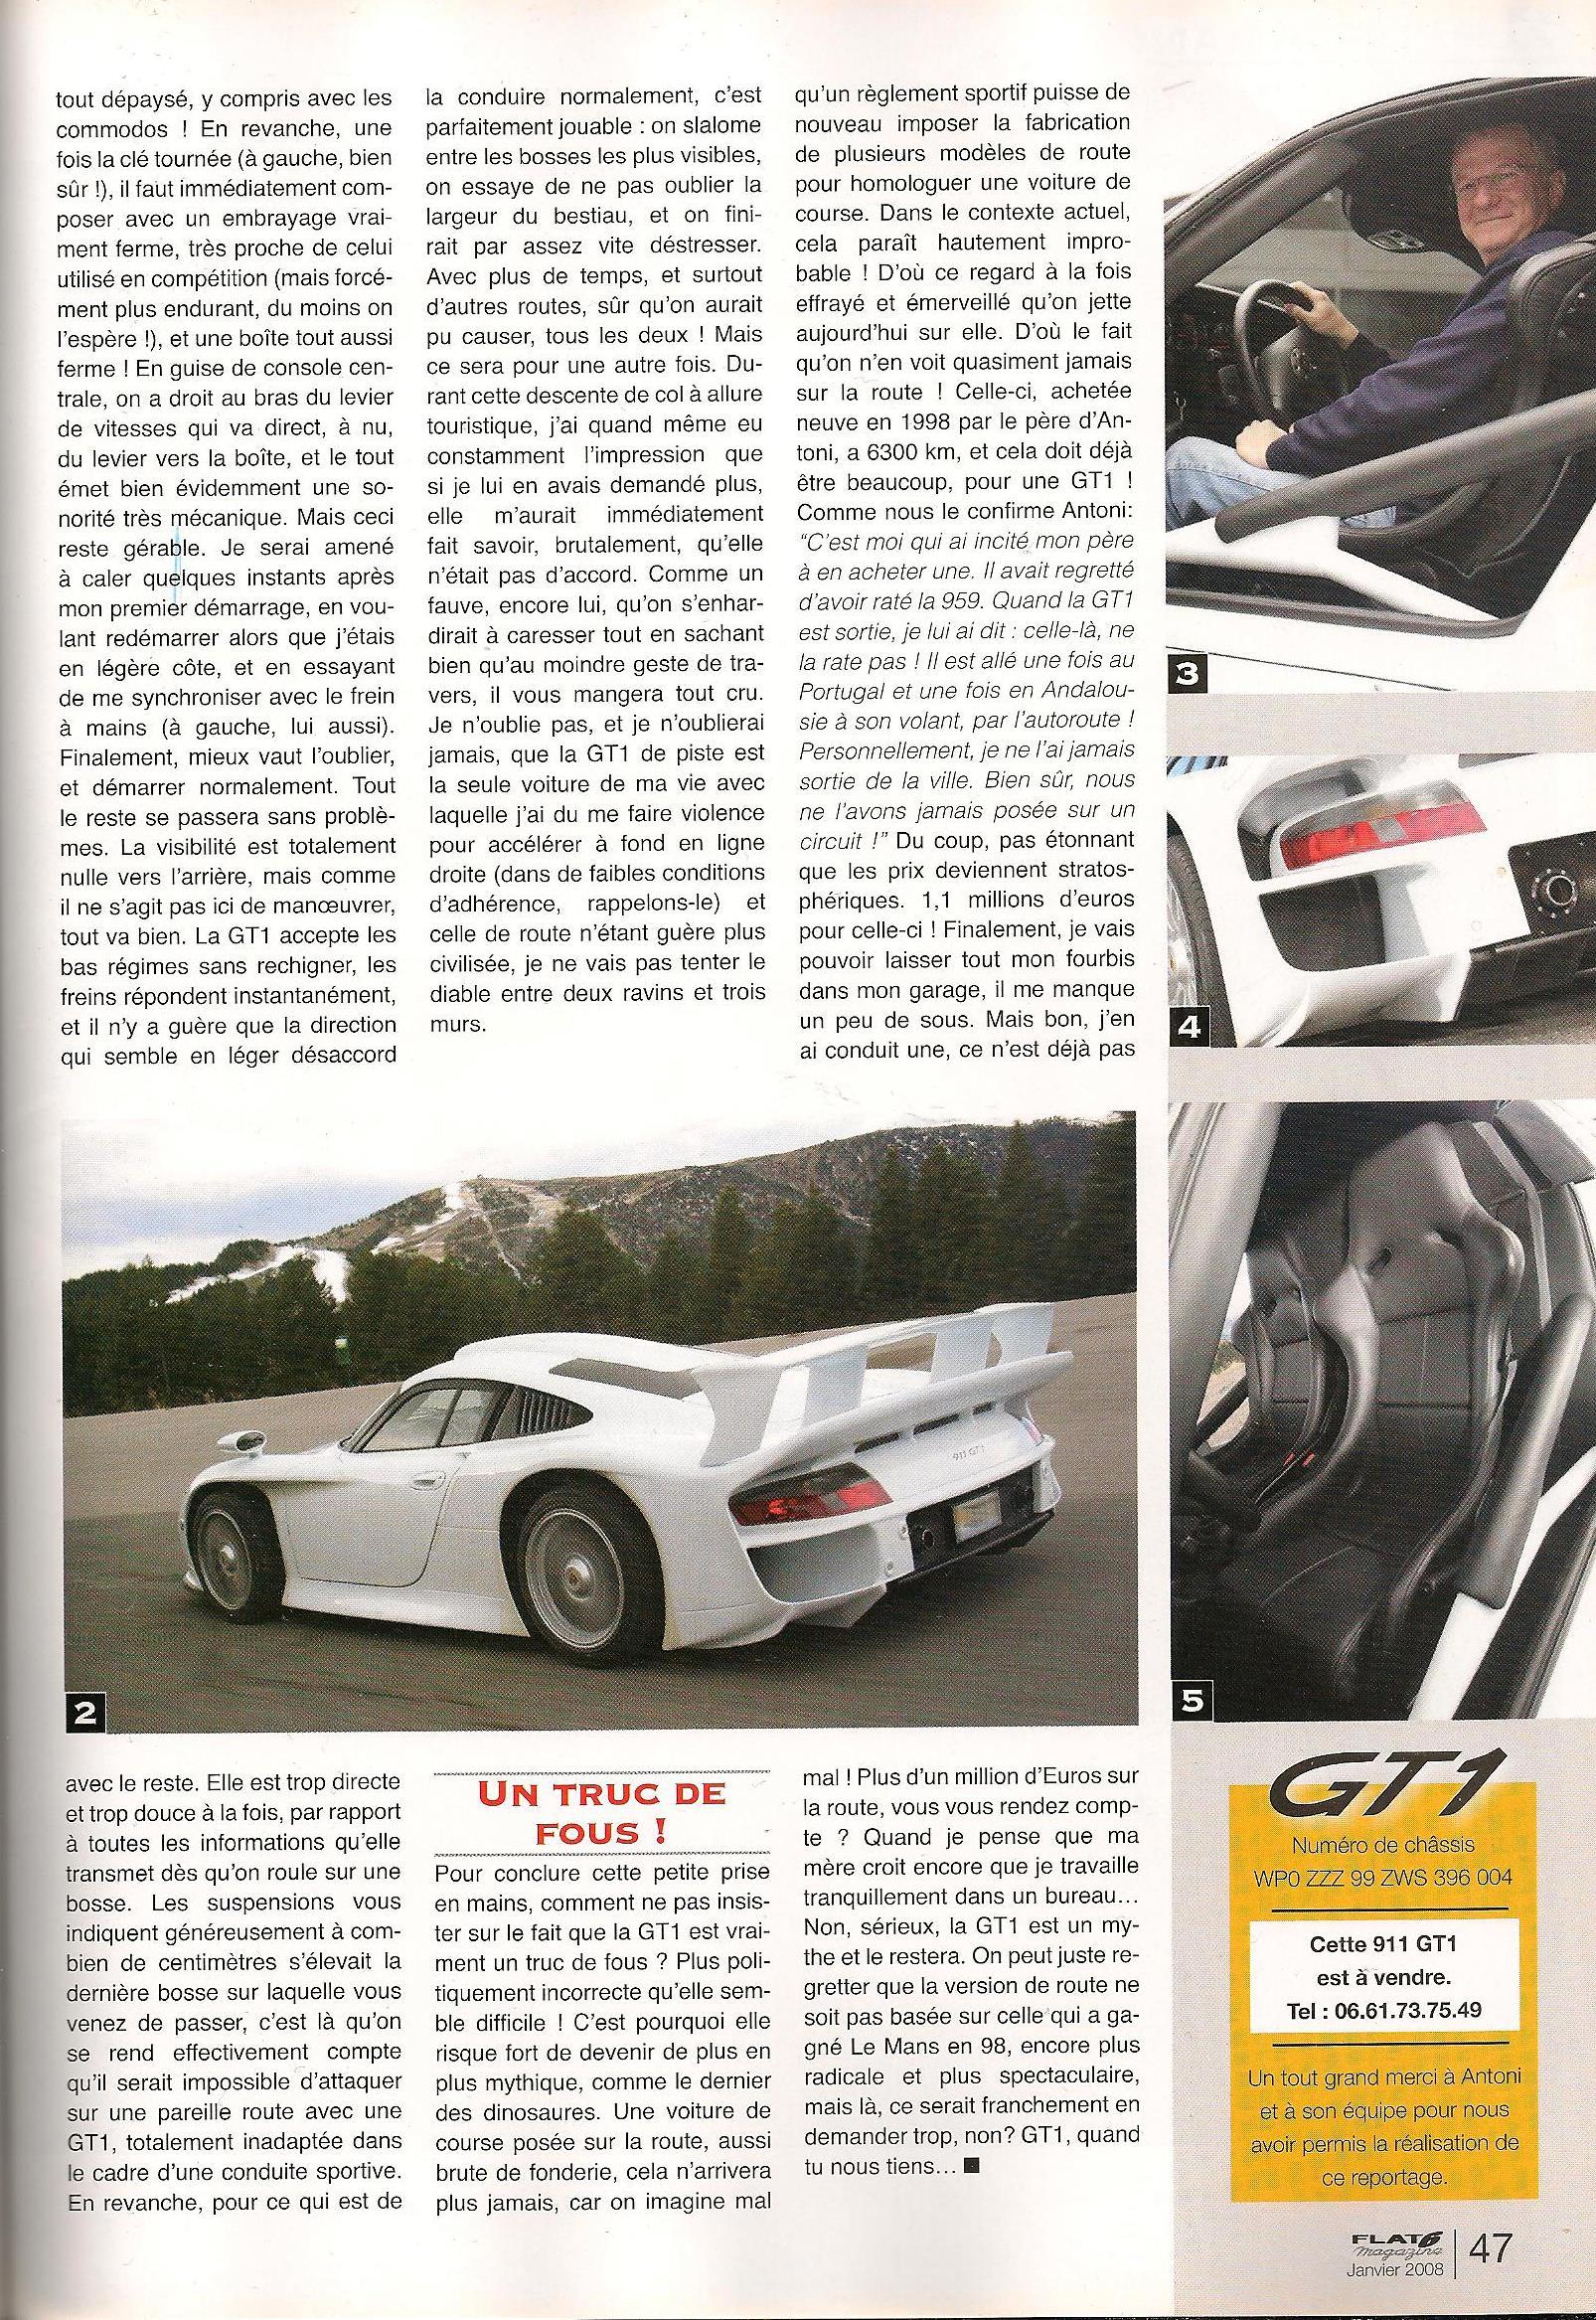 47 Cozy Prix D'une Porsche 911 Gt1 Cars Trend